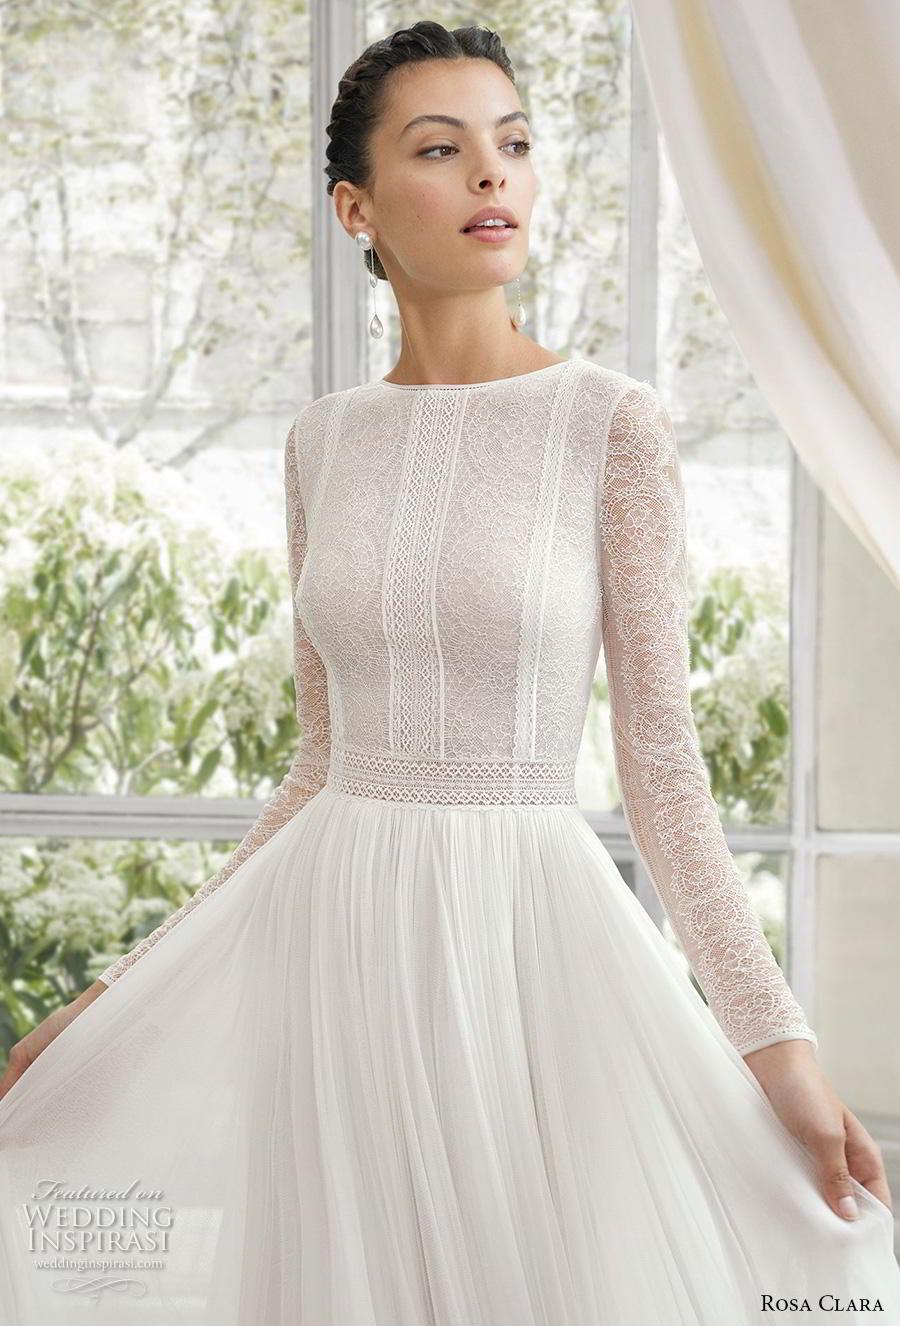 rosa clara 2019 couture bridal long bishop sleeves jewel neck heavily embellished bodice elegant soft a  line wedding dress backless v back chapel train (4) zv